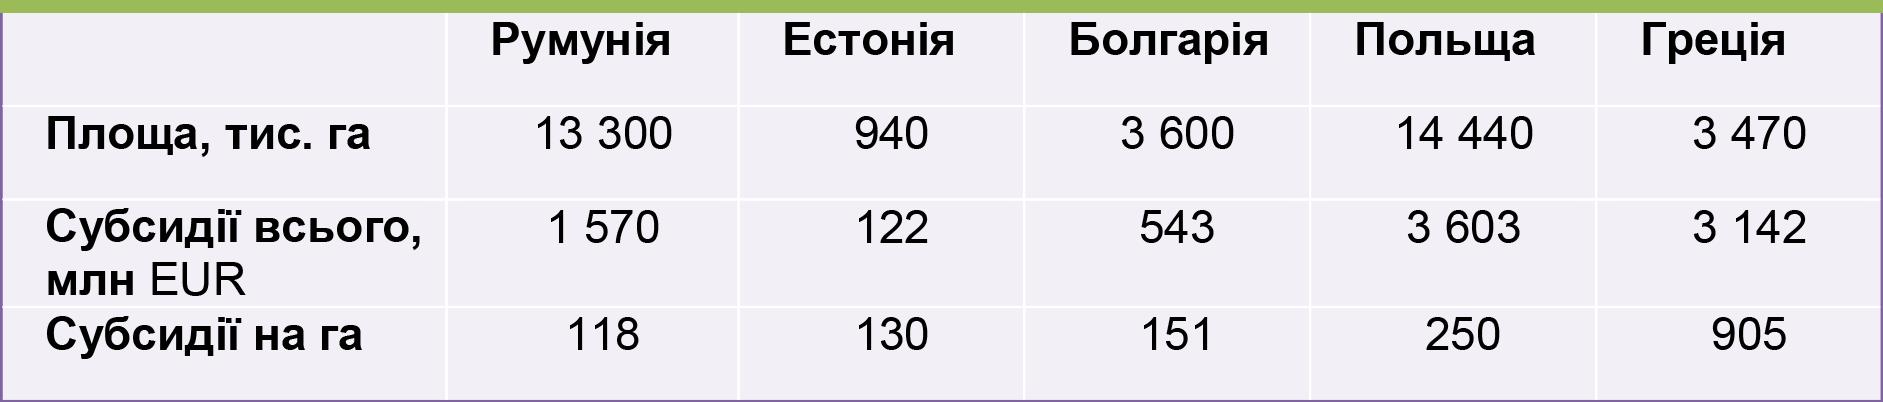 Субсидії сільському господарству, Східна Європа, 2016 р.